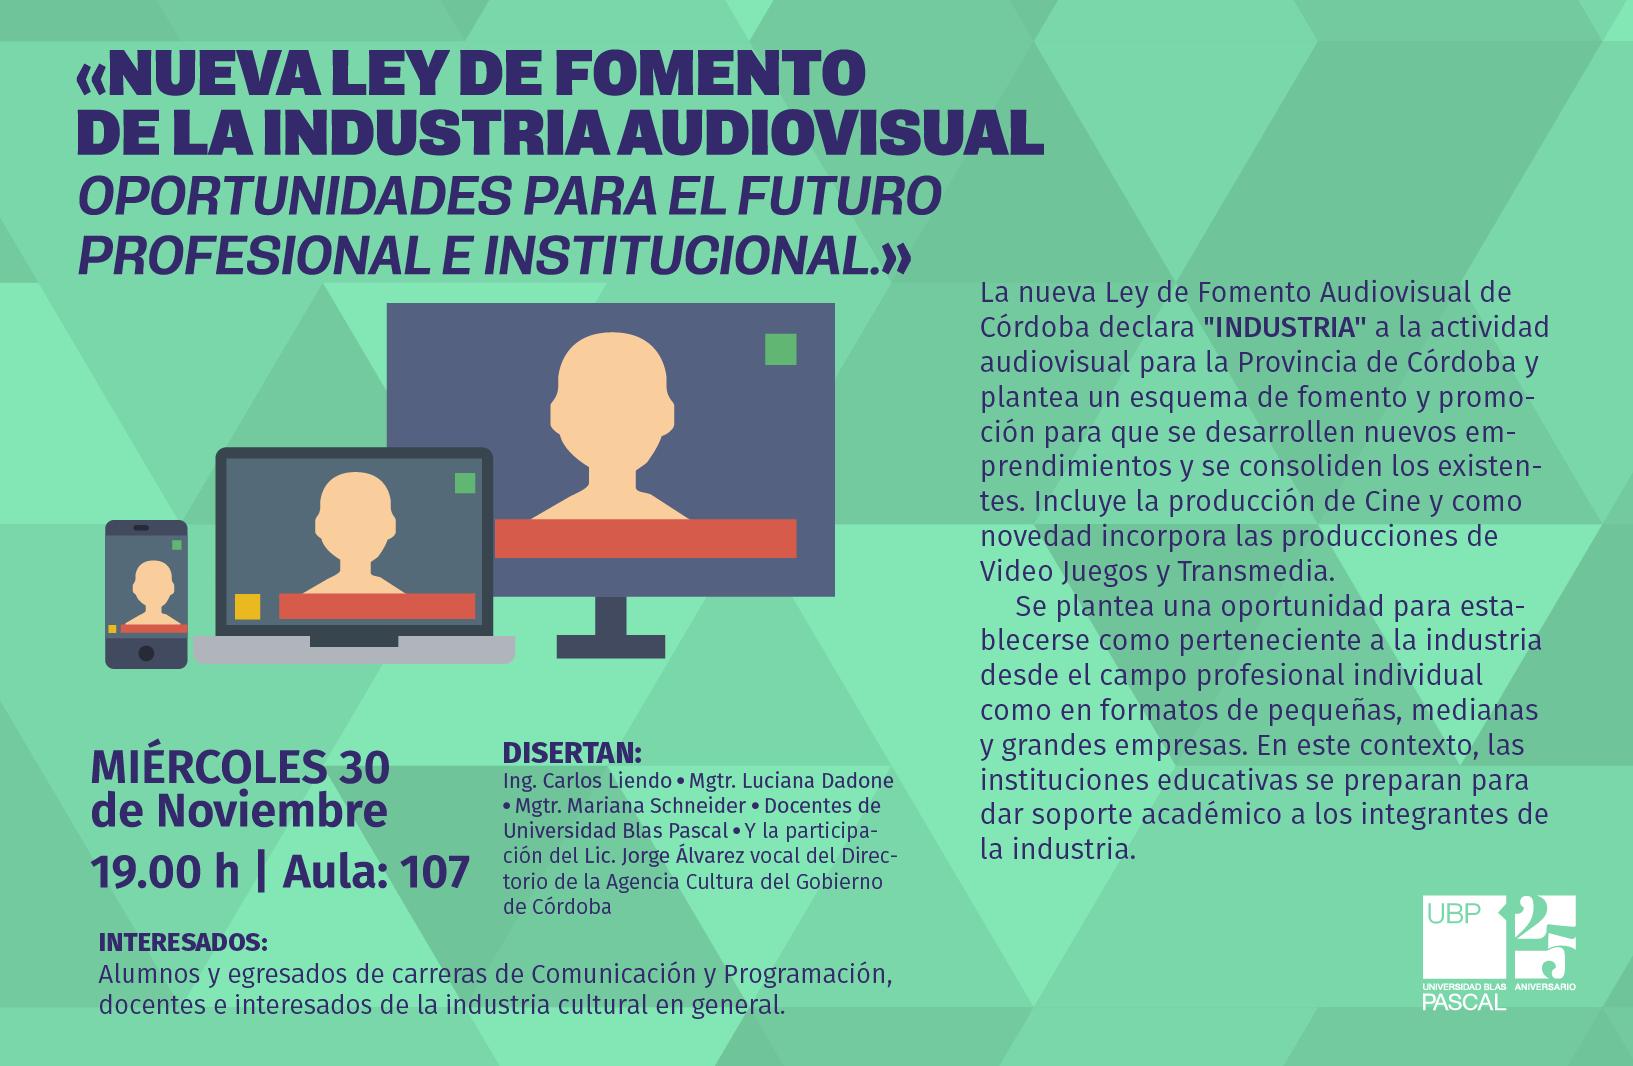 Nueva legislación: promover las industrias audiovisuales